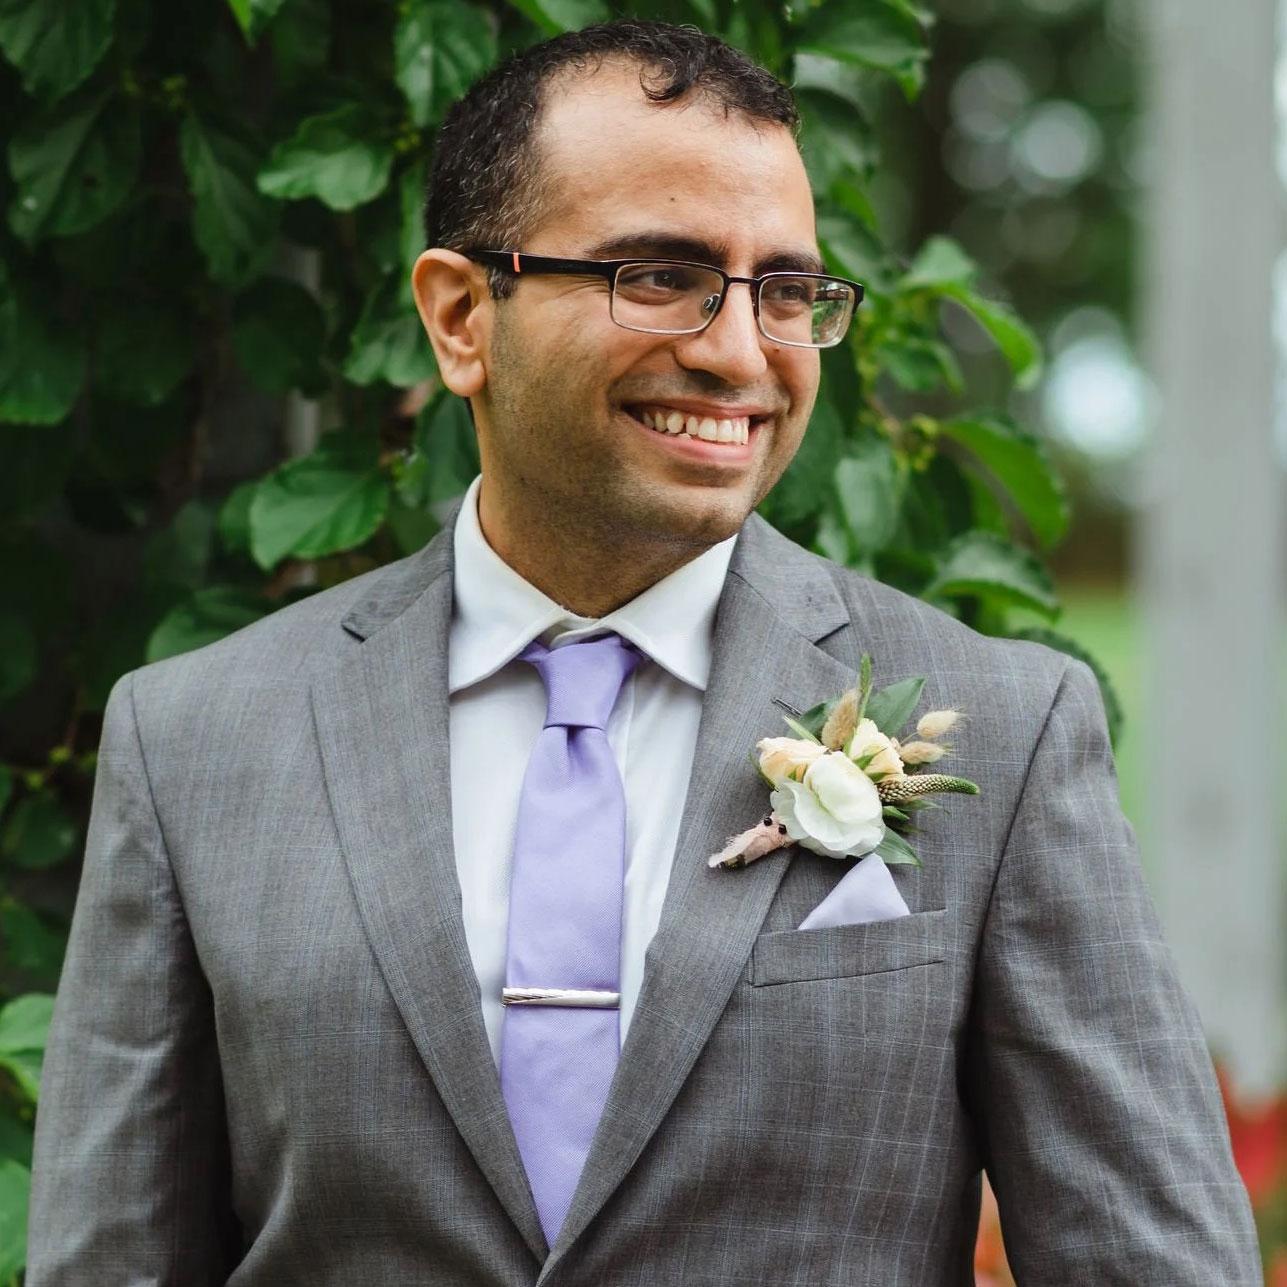 Joseph Karim